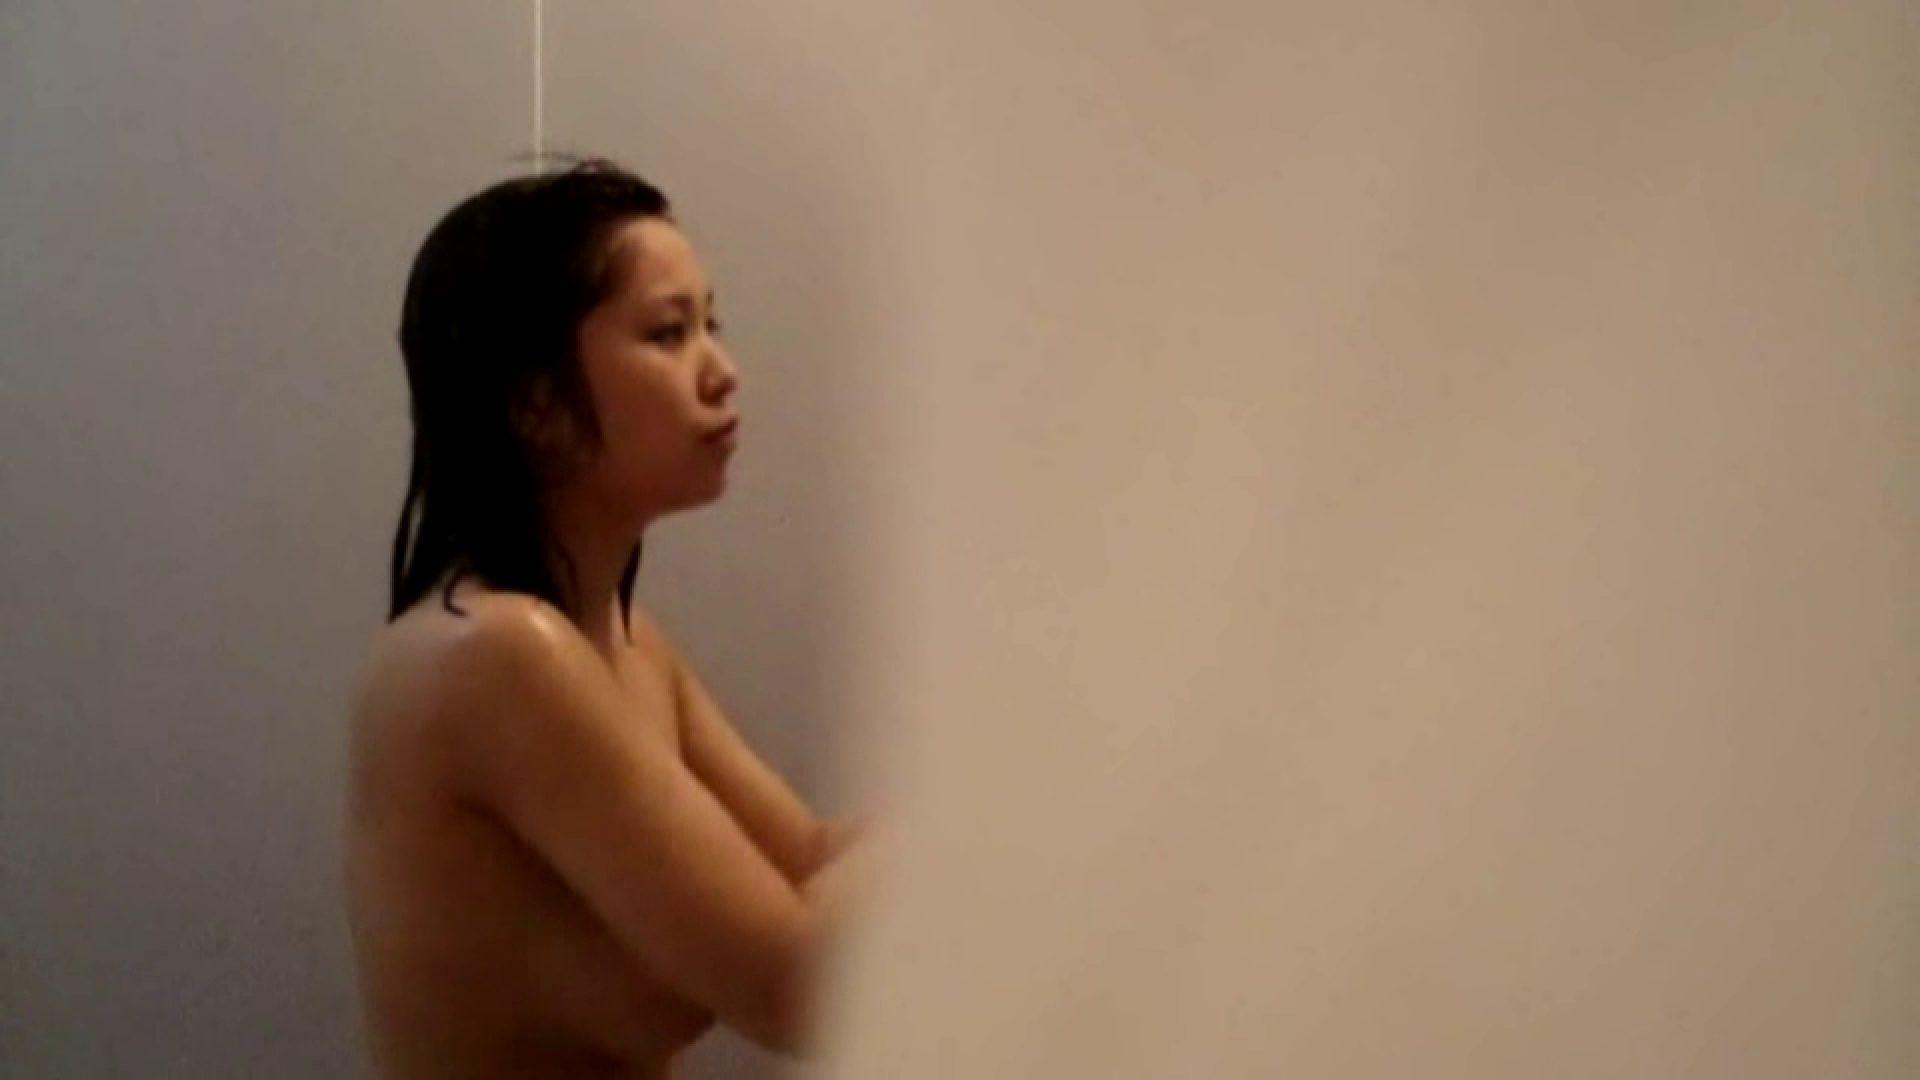 vol.2 葵のグラドル顔負けの爆乳を入浴シーンでどうぞ。 入浴中 おめこ無修正動画無料 111画像 71